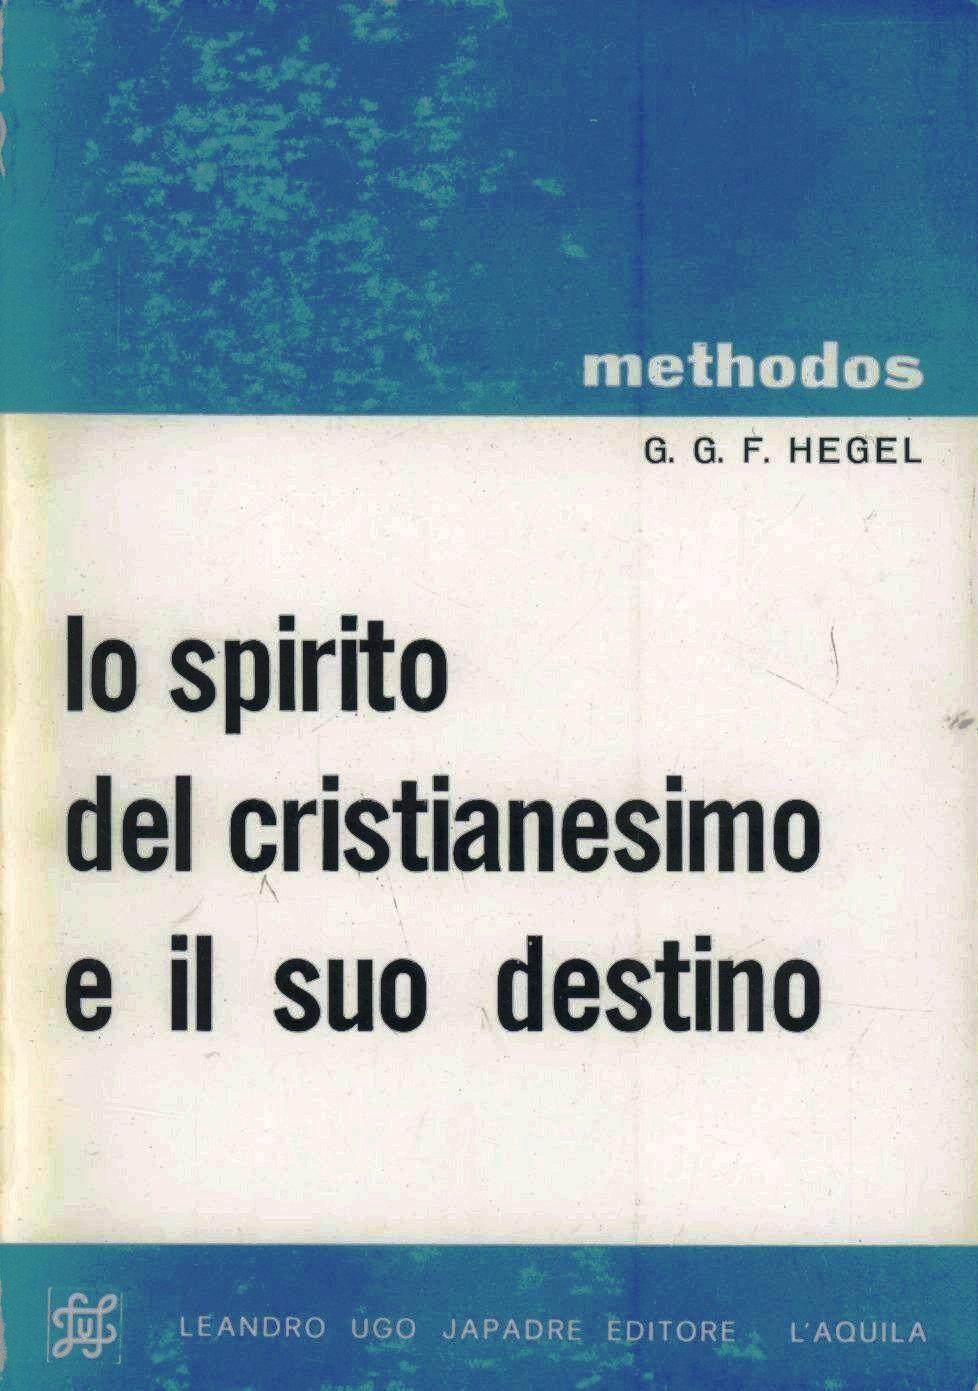 Lo spirito del cristianesimo e il suo destino